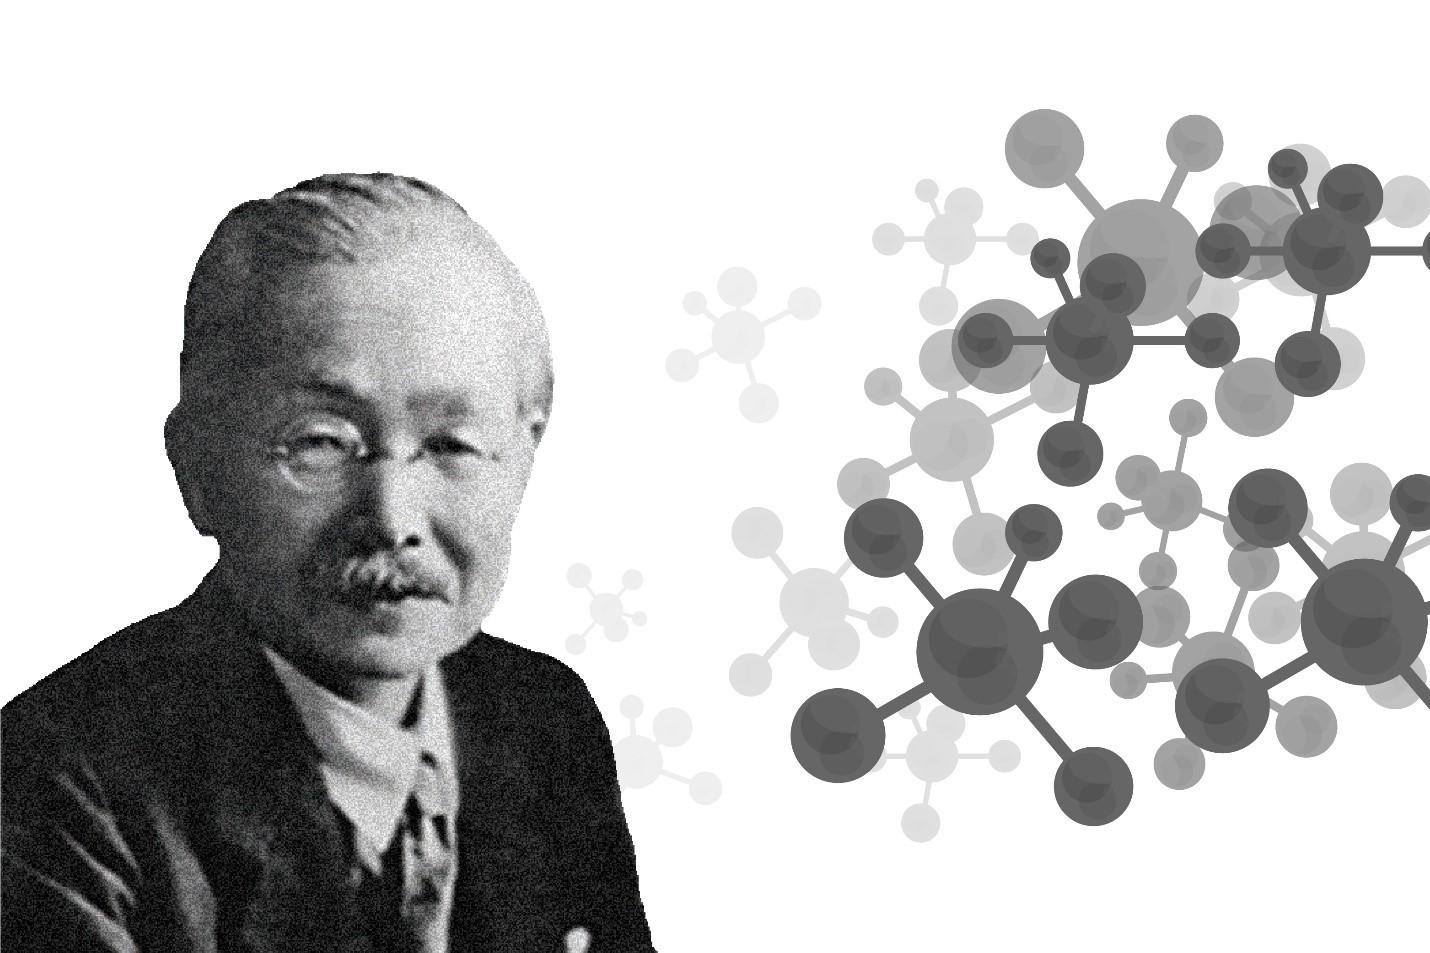 Giáo sư Kikunae Ikeda, người phát minh ra bột ngọt. XIN NGUỒN ẢNH